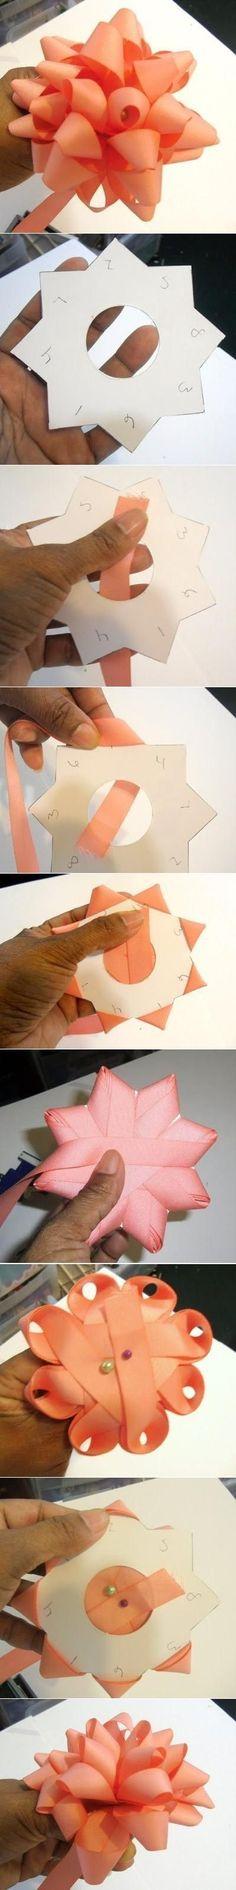 DIY Bow of Ribbon